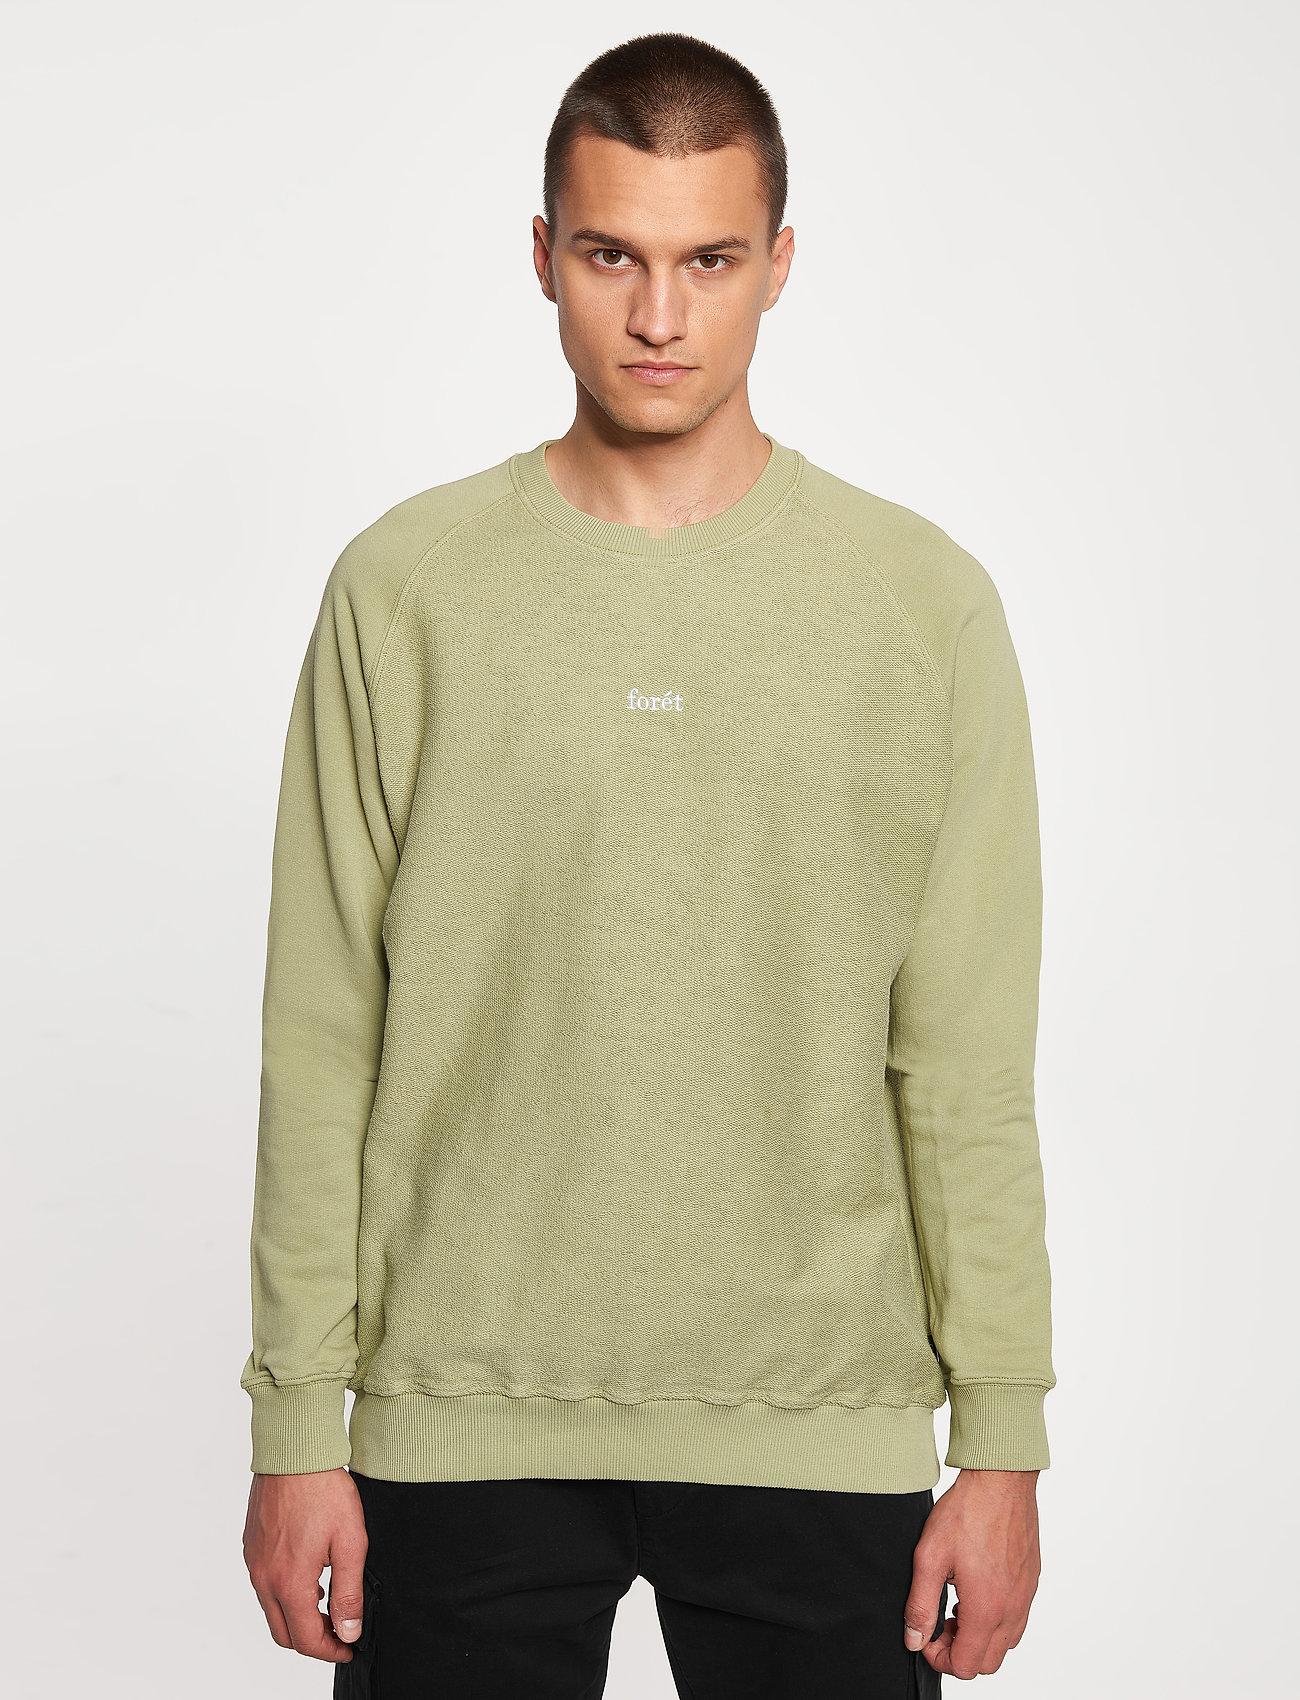 Forét - WEST SWEATSHIRT - swetry - sage - 0